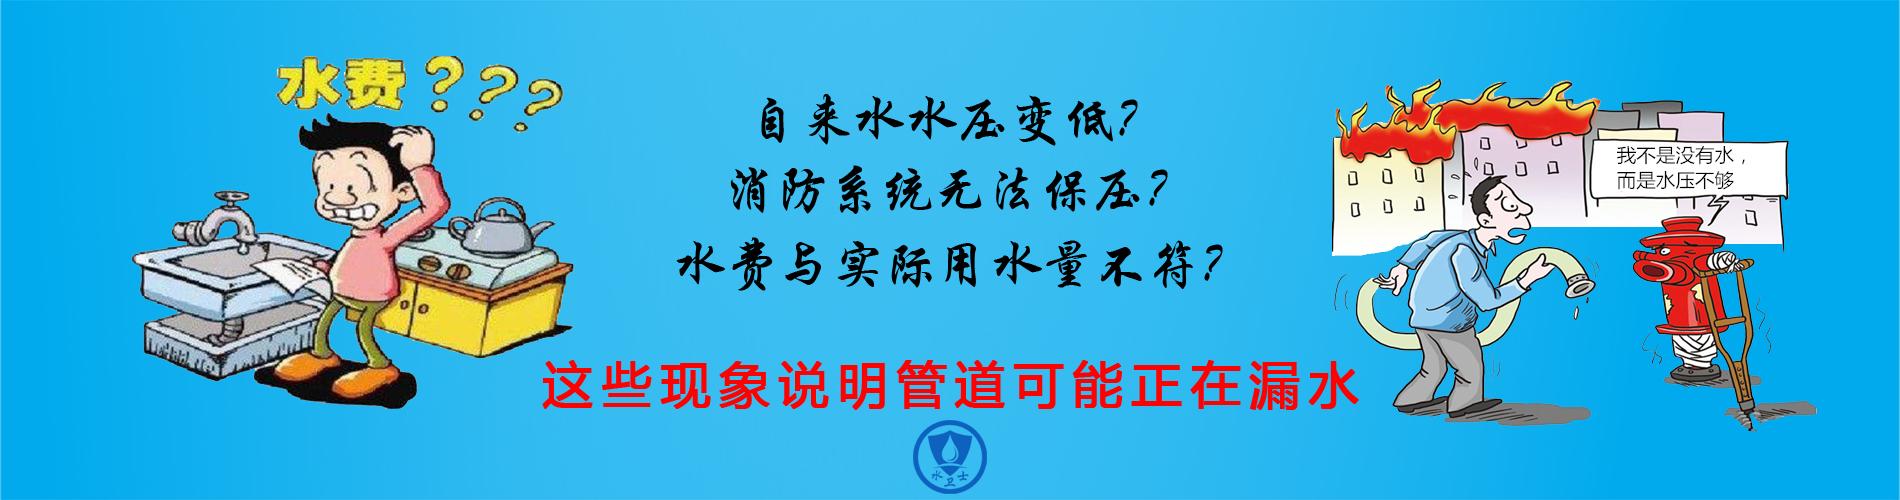 镇江漏水检测公司